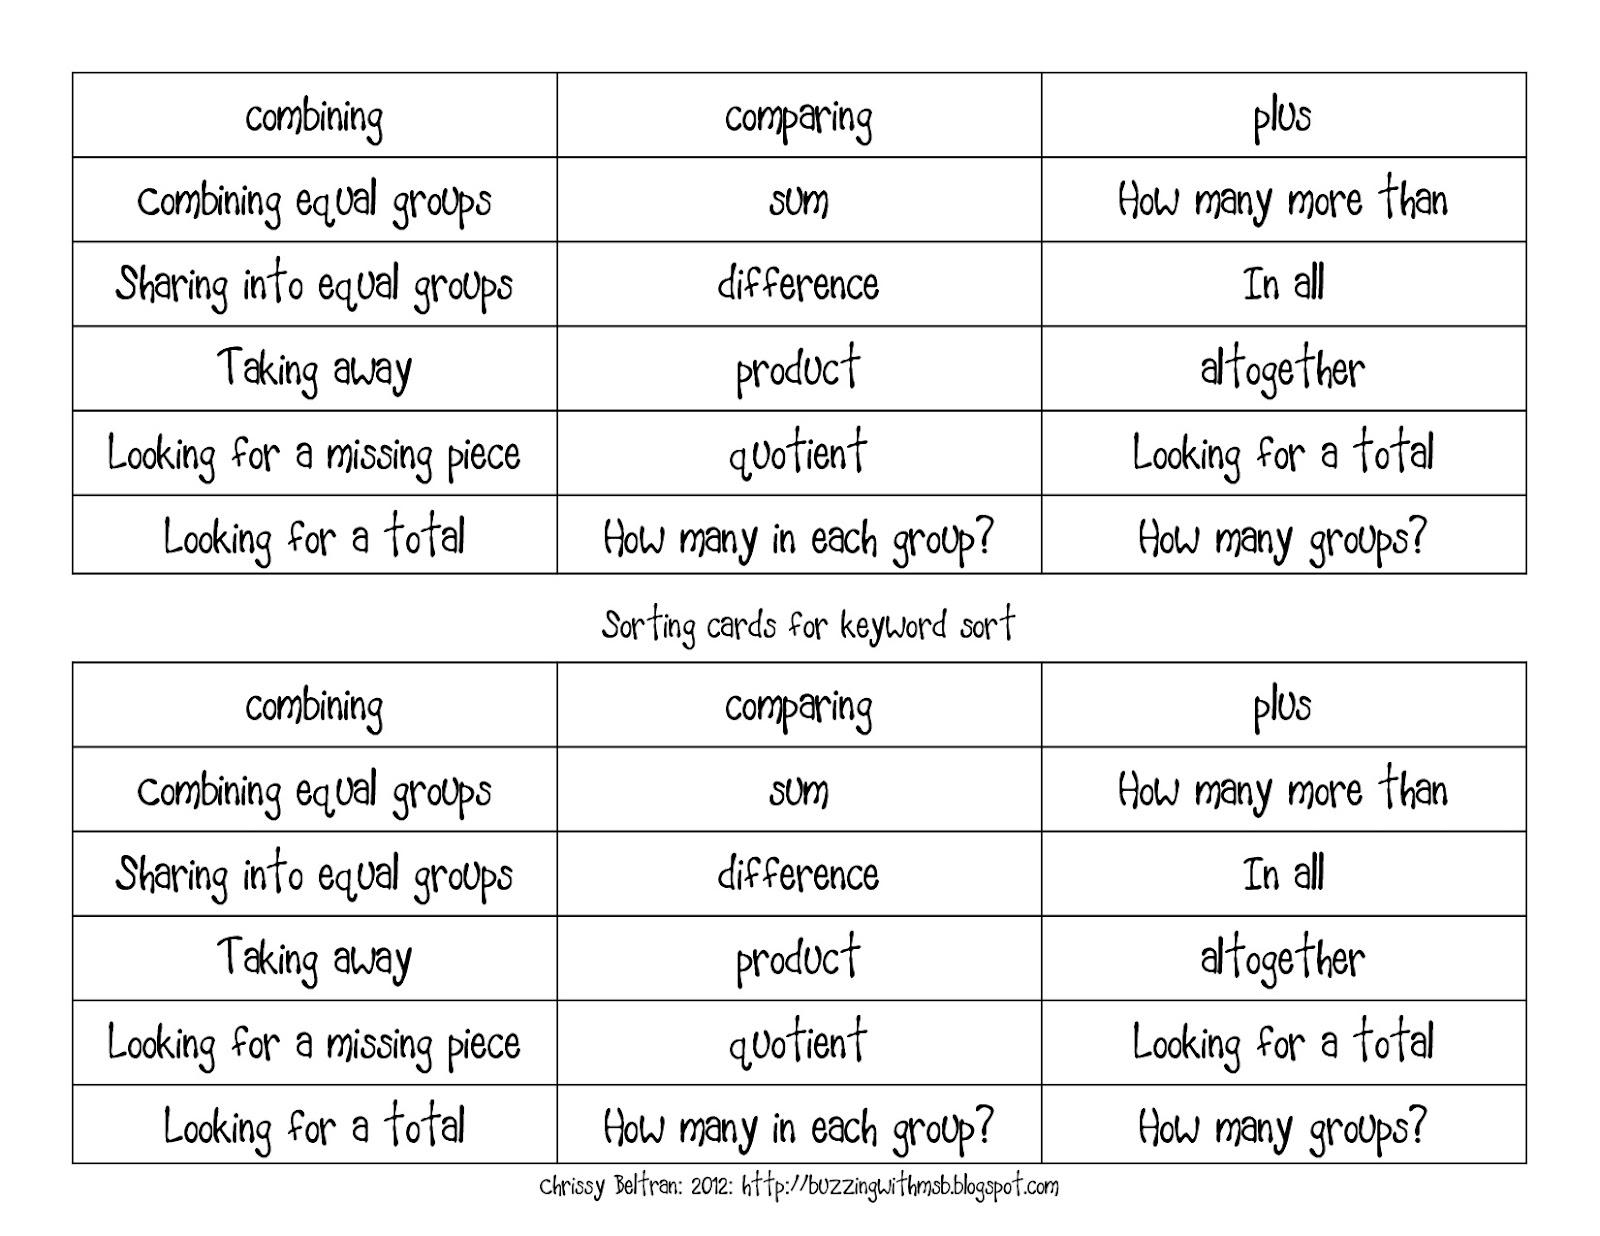 Computer science term paper topics